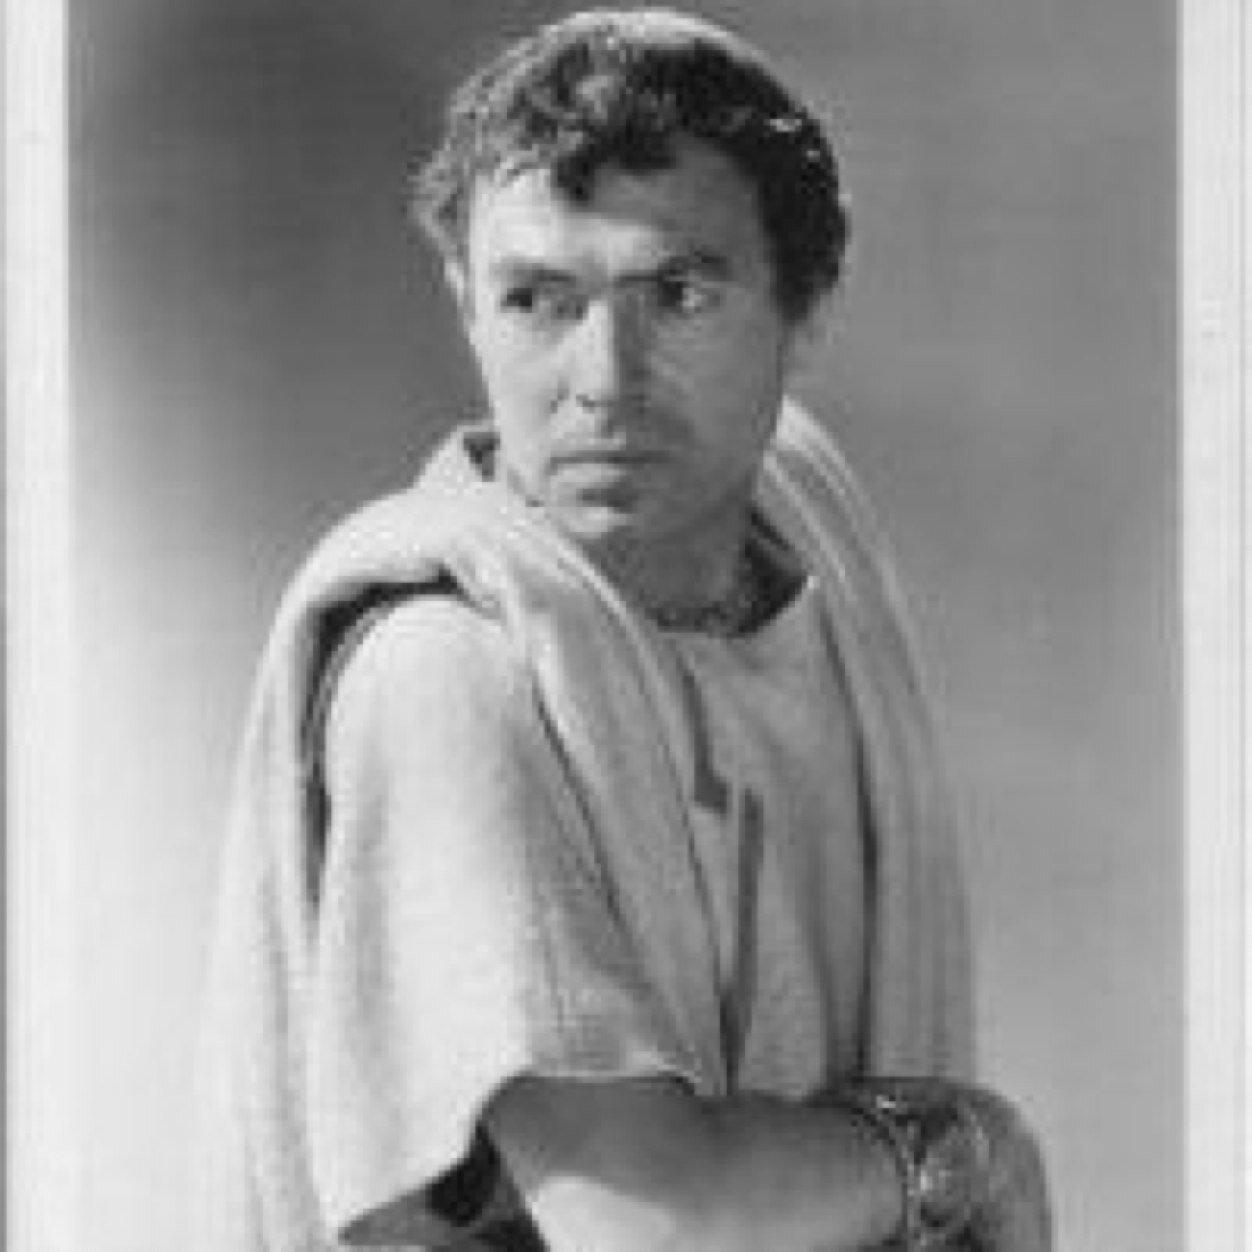 biography of julios caesar essay Procedente de una de las más antiguas familias del patriciado romano, los julios, cayo julio césar fue educado esmeradamente con maestros griegos.